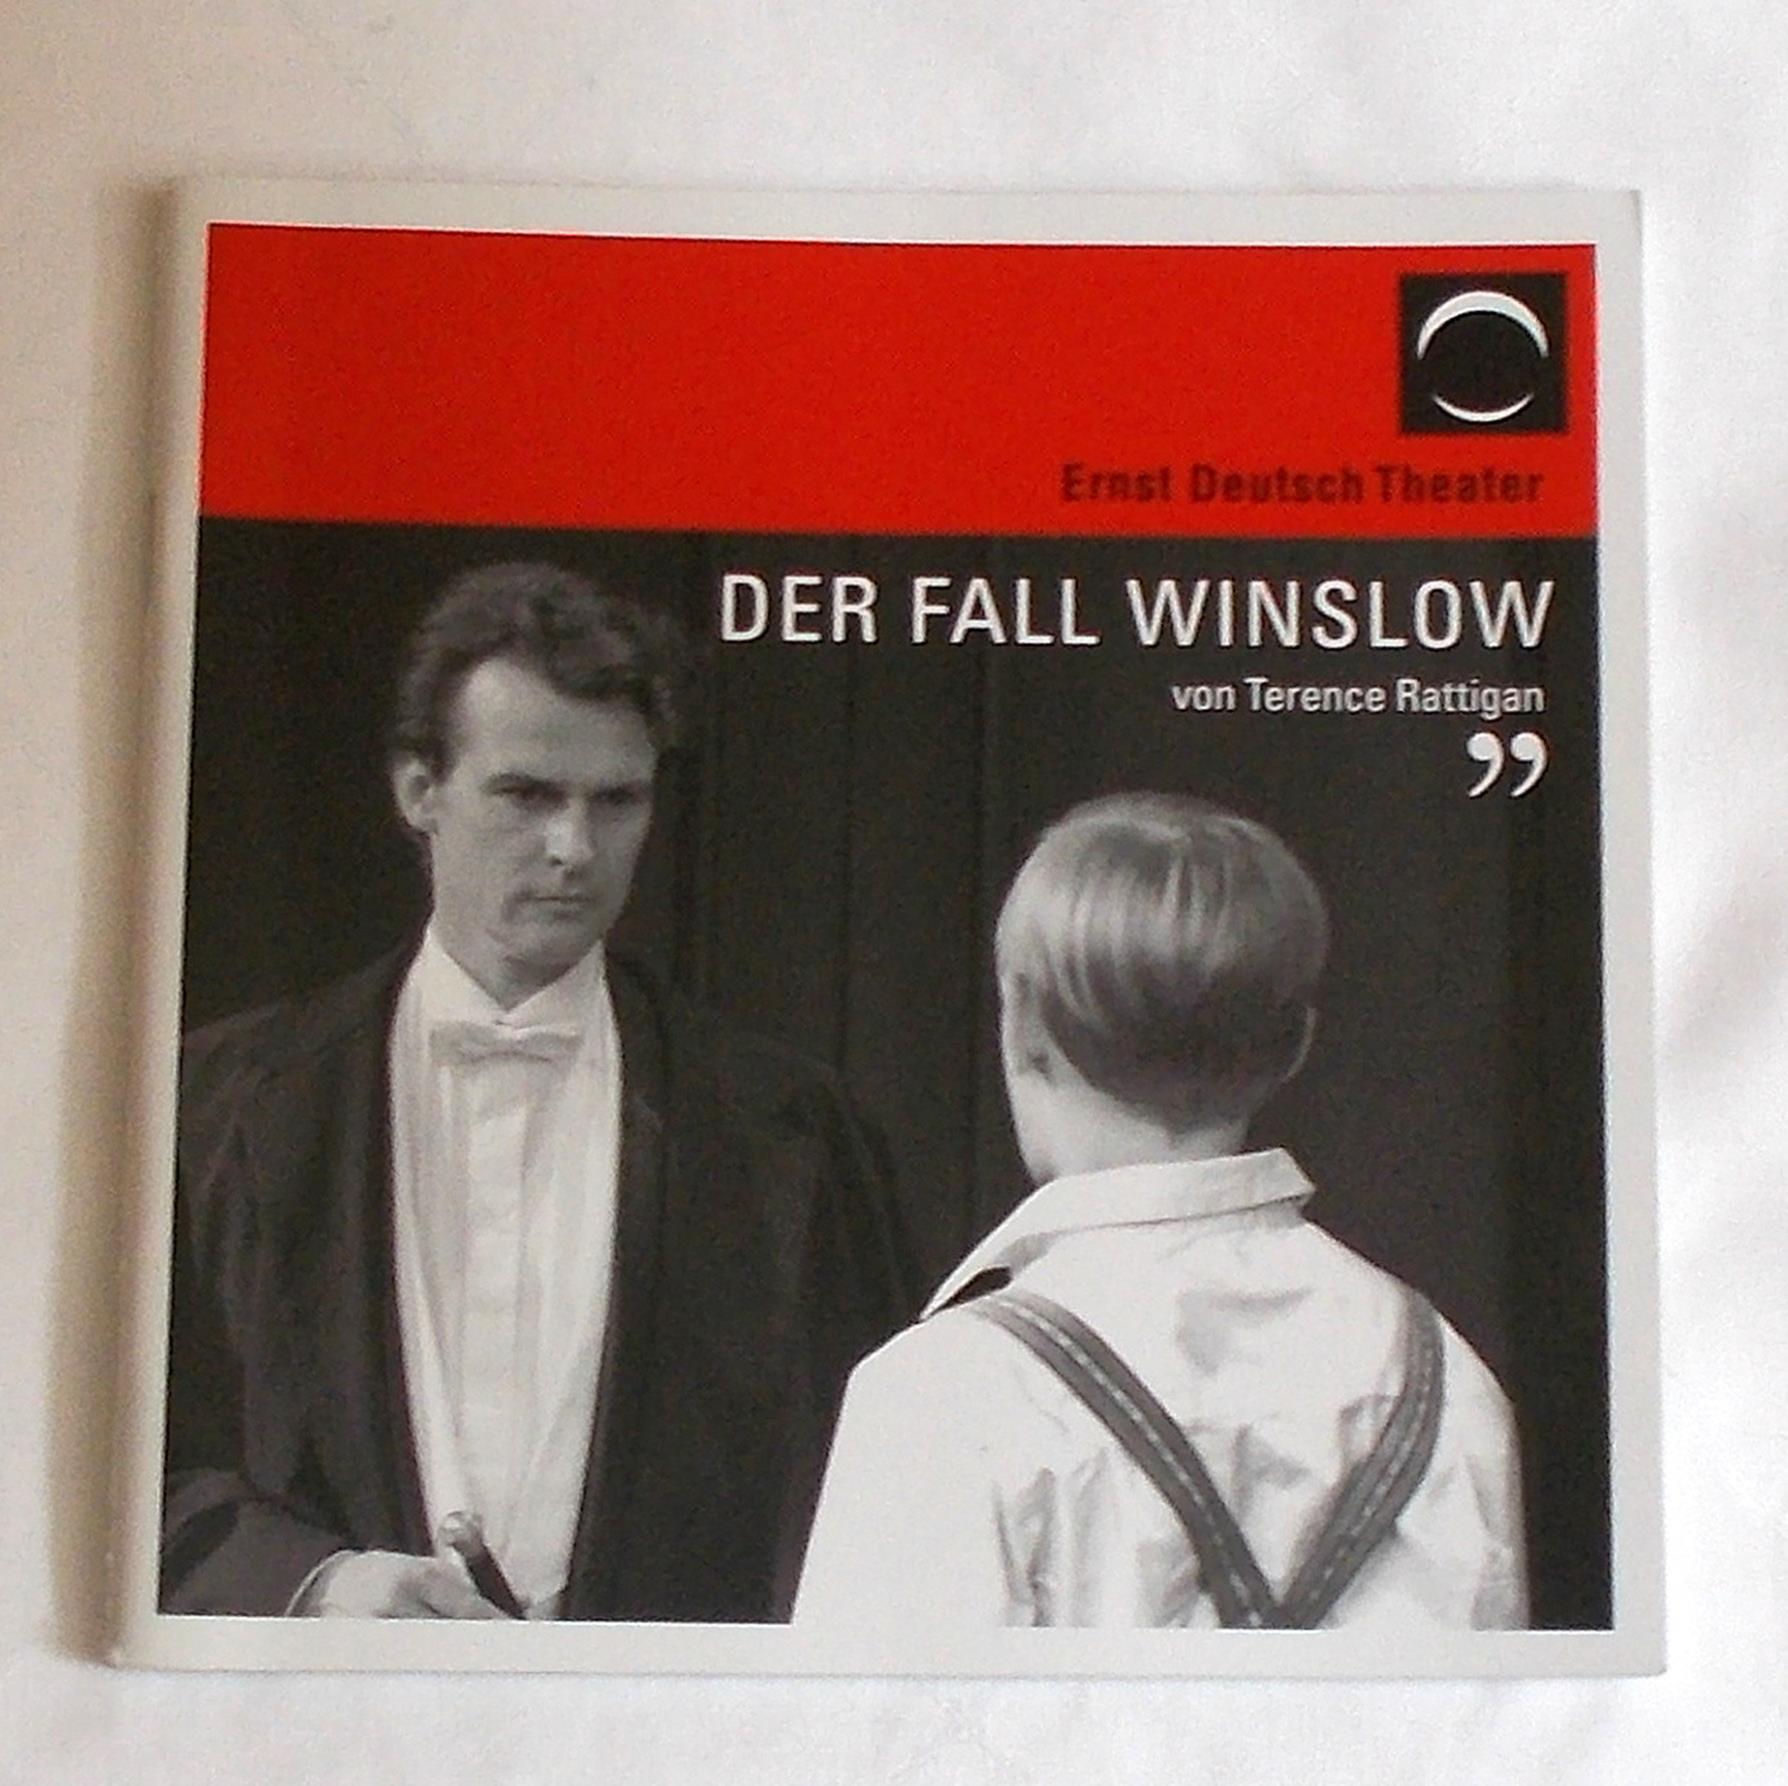 Programmheft Der Fall Winslow von Terence Rattigan. Ernst Deutsch Theater 2008